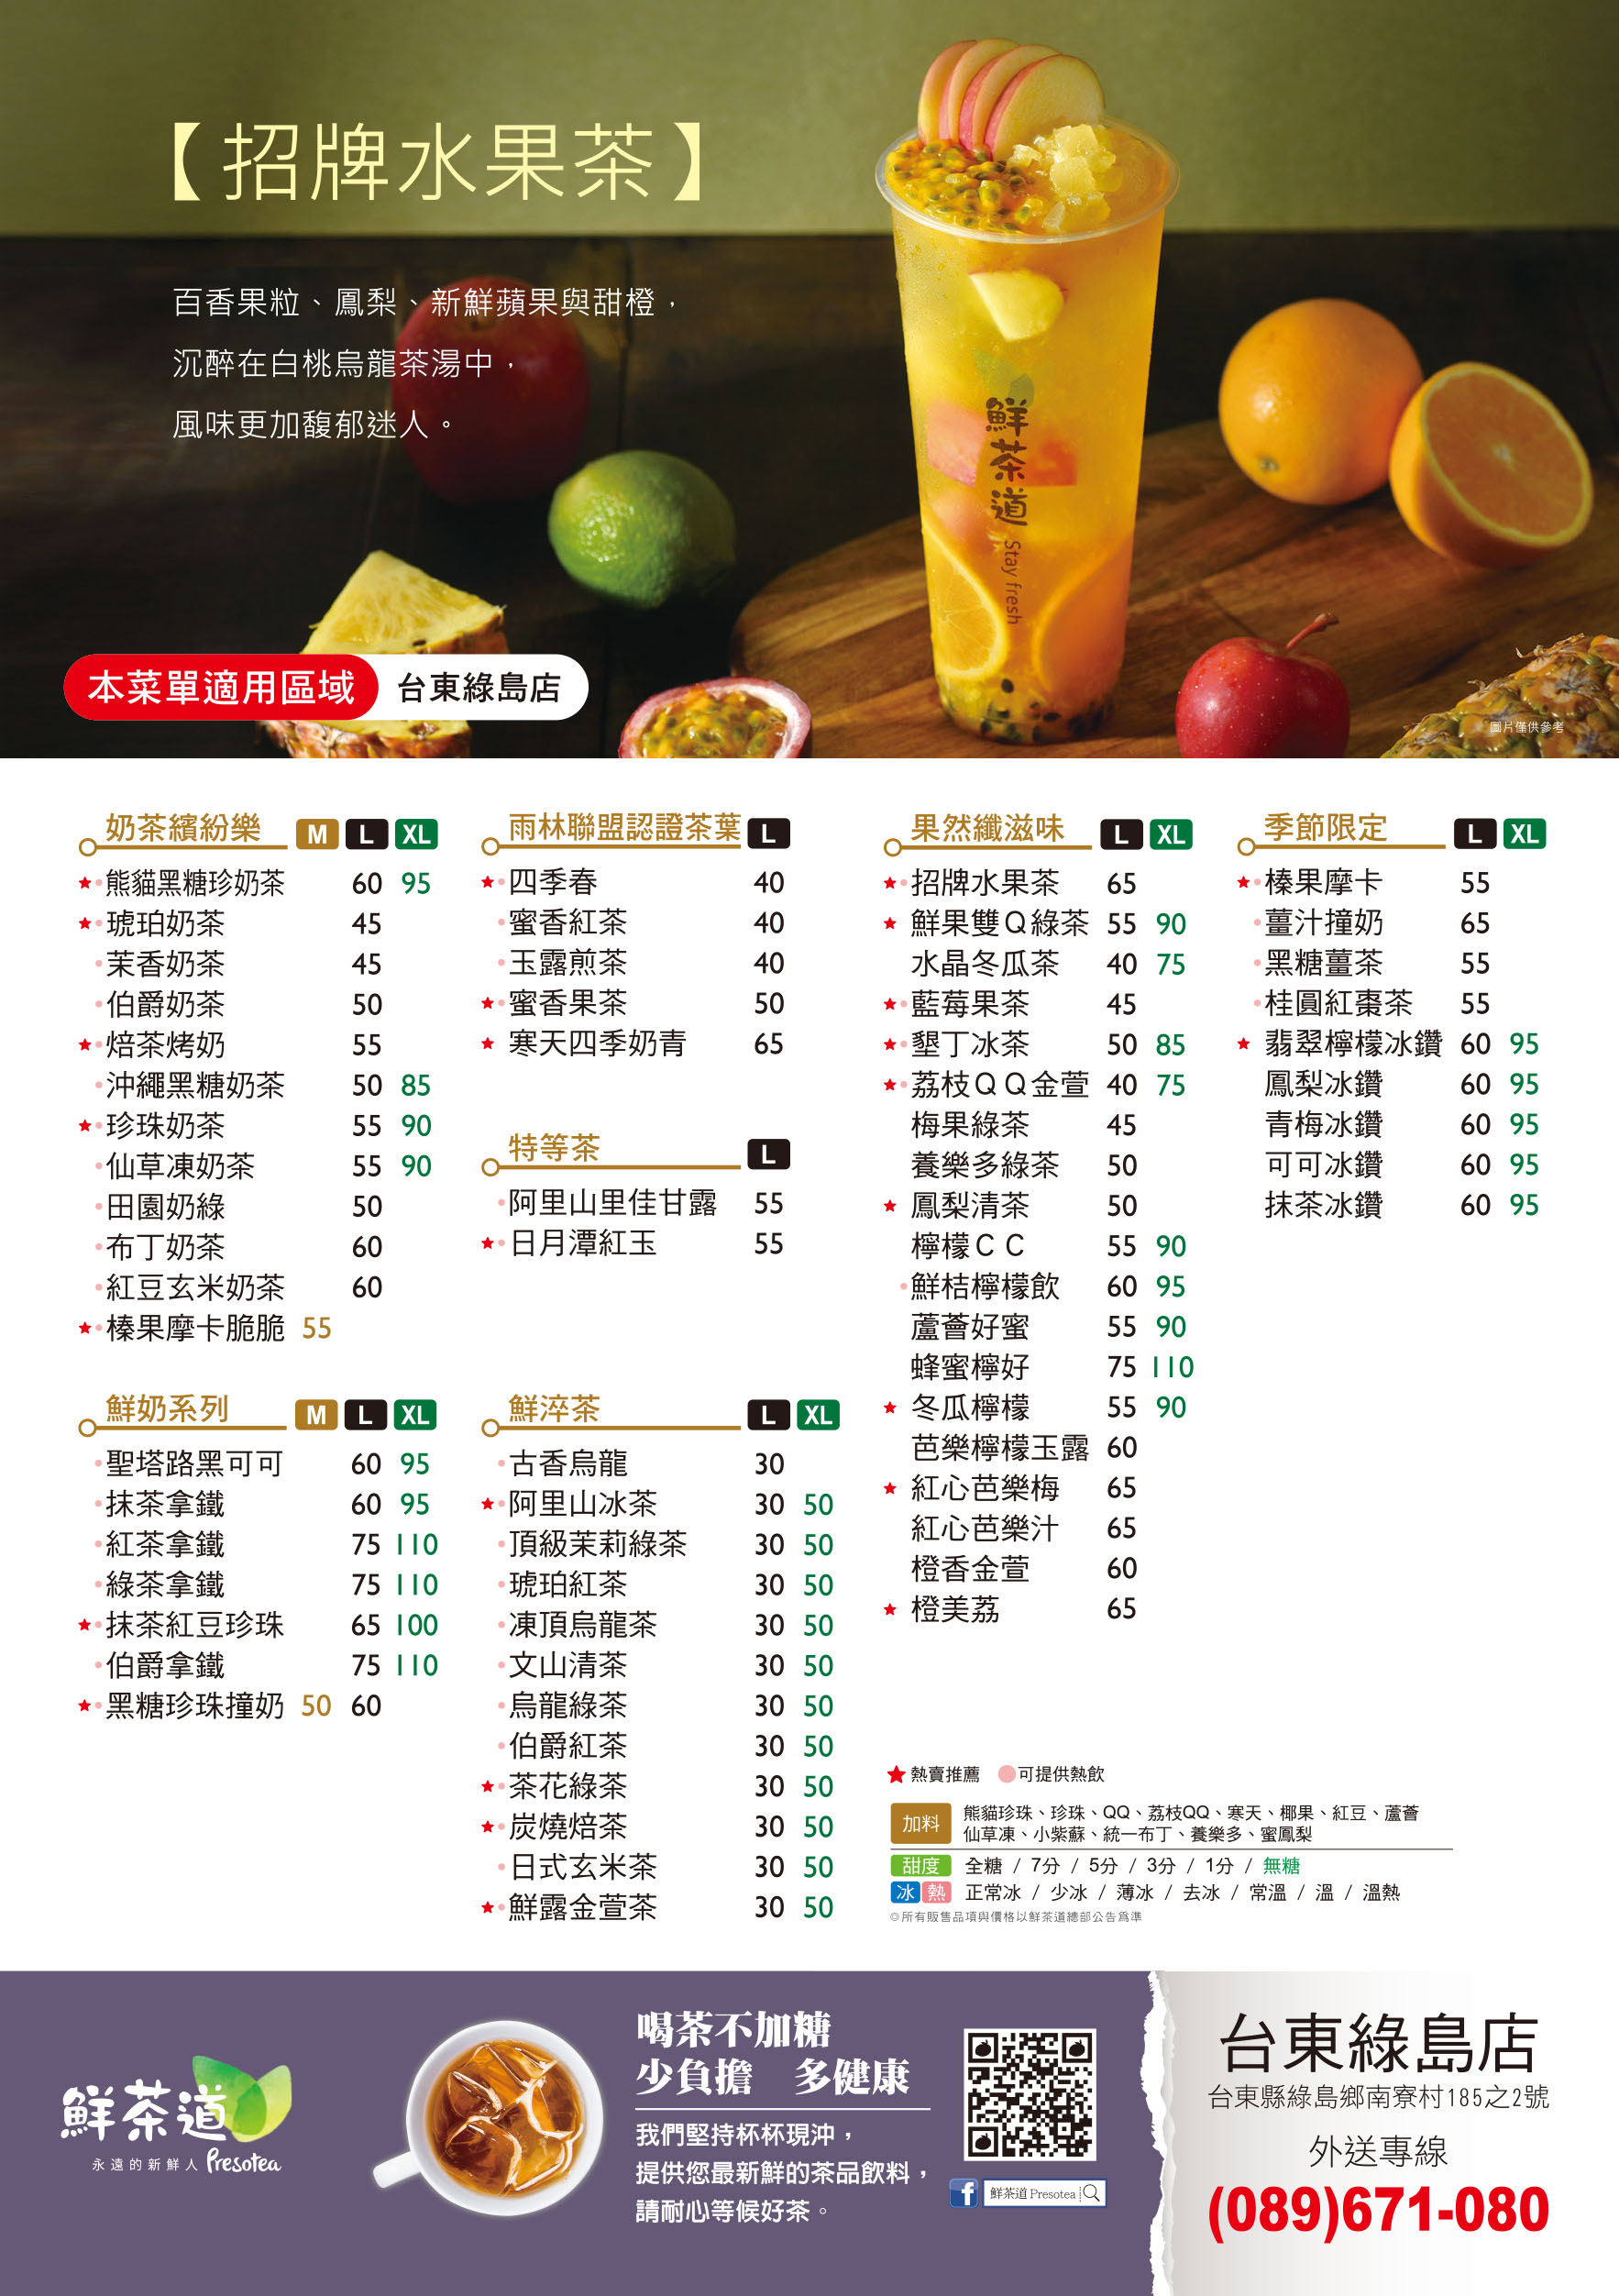 鮮茶道Presotea台東綠島店菜單MENU